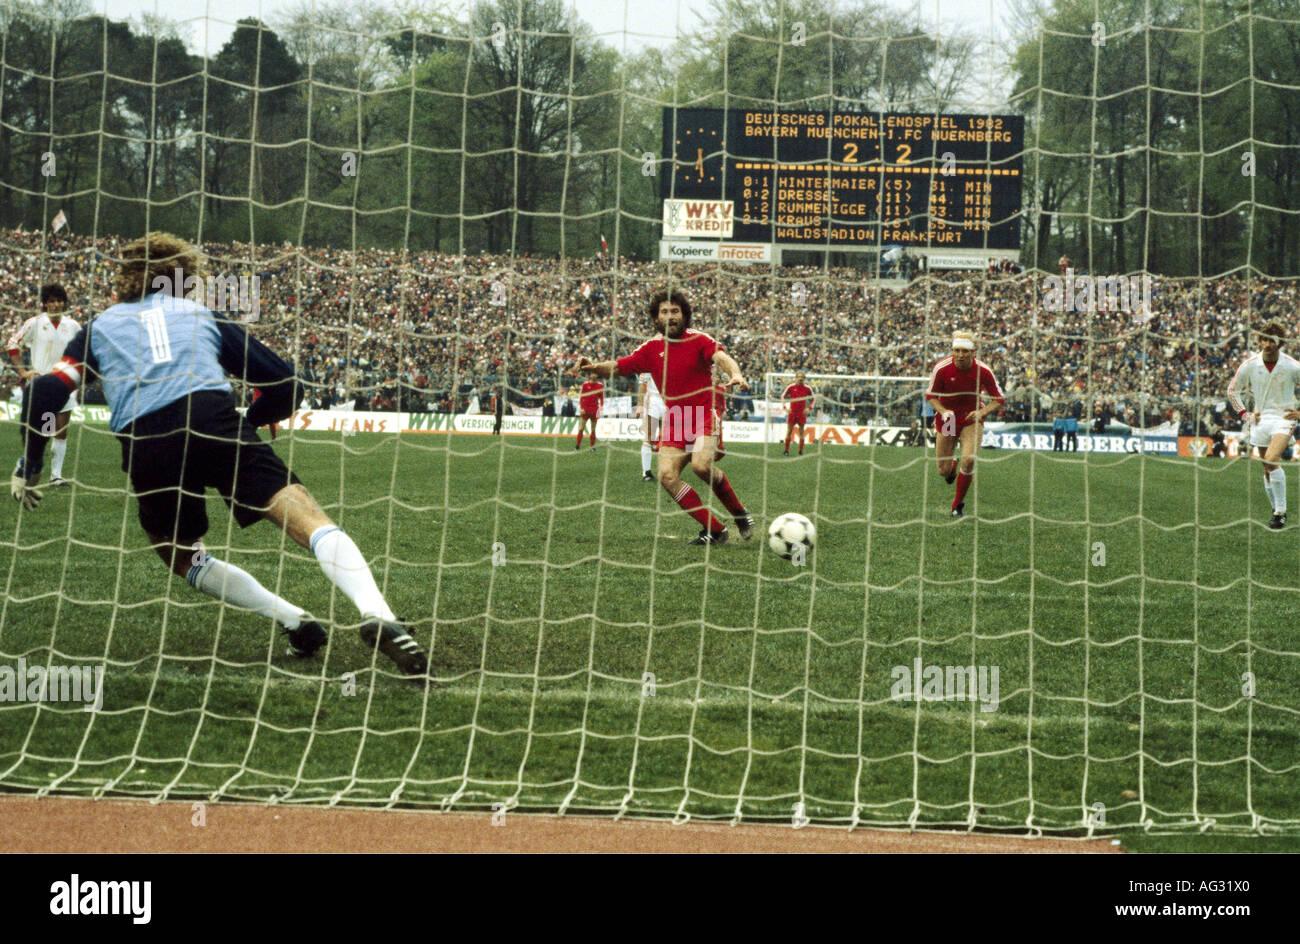 Breitner, Paul, * 5.9.1951, deutscher Sportler (Fußball/Fußball), volle Länge, DFB-Finale Fc Bayern Stockbild